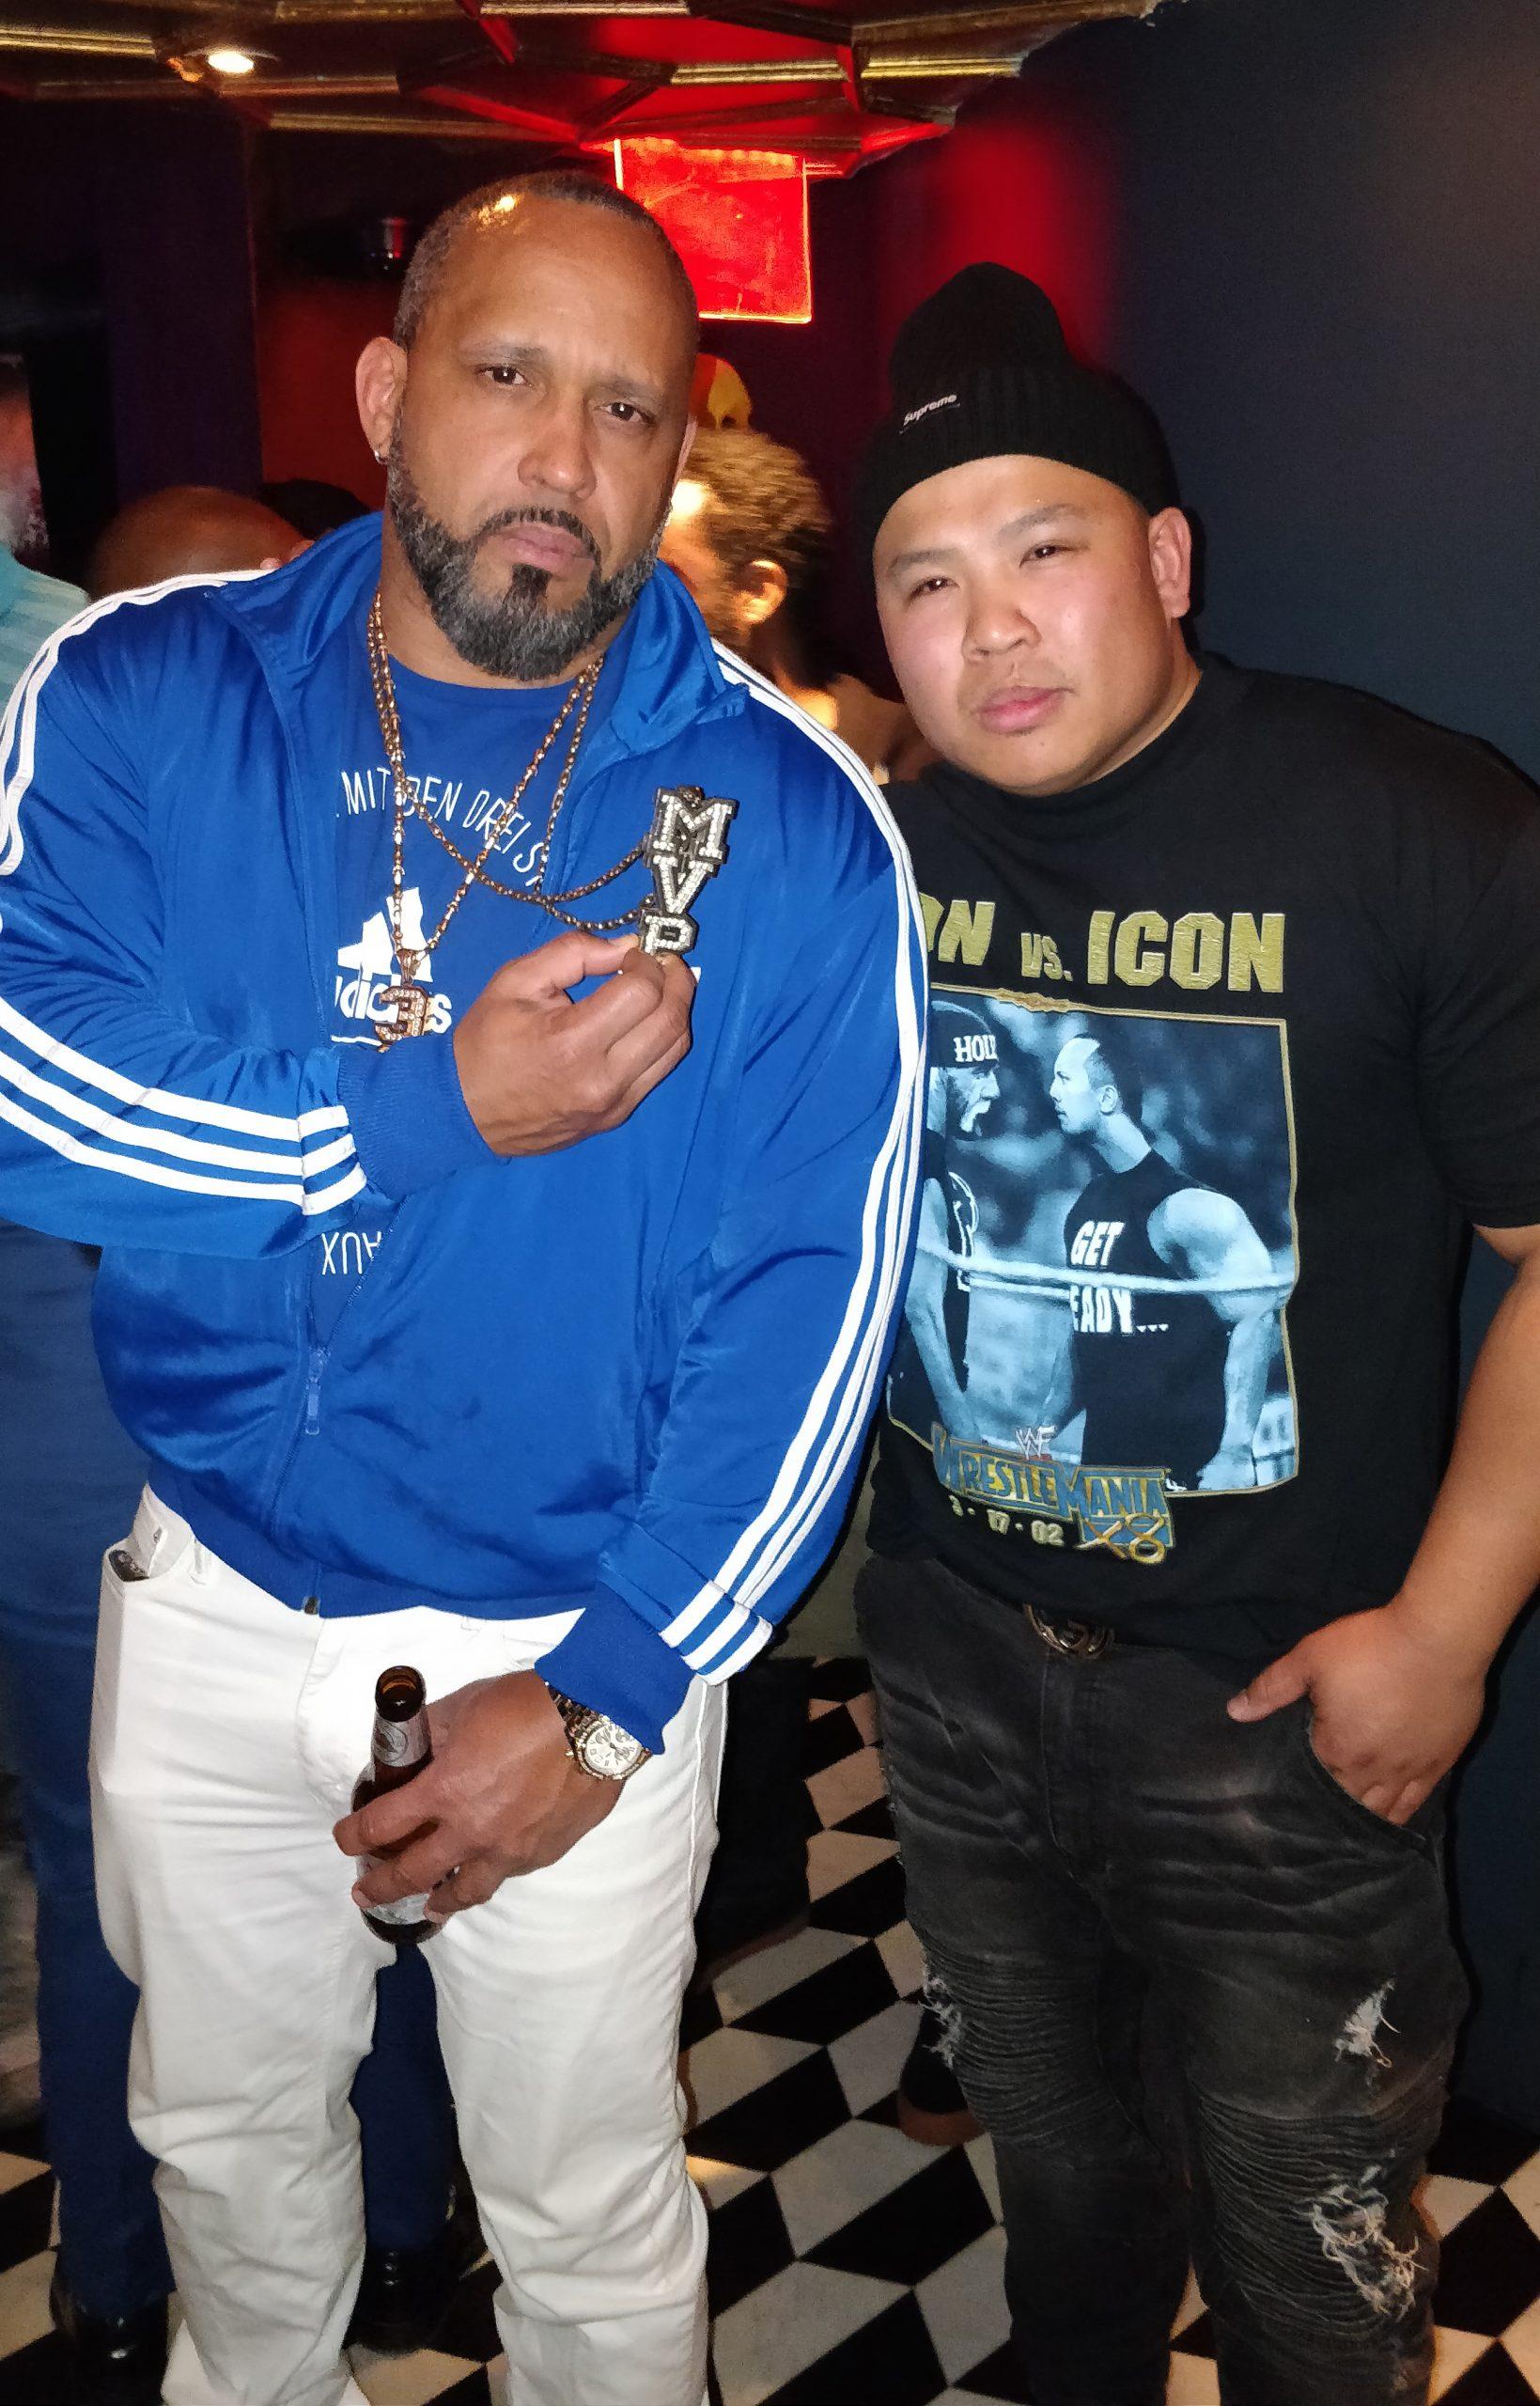 Wayne Lapasa ith pro wrestler M.V.P. at WaleMania V inside Sony Hall